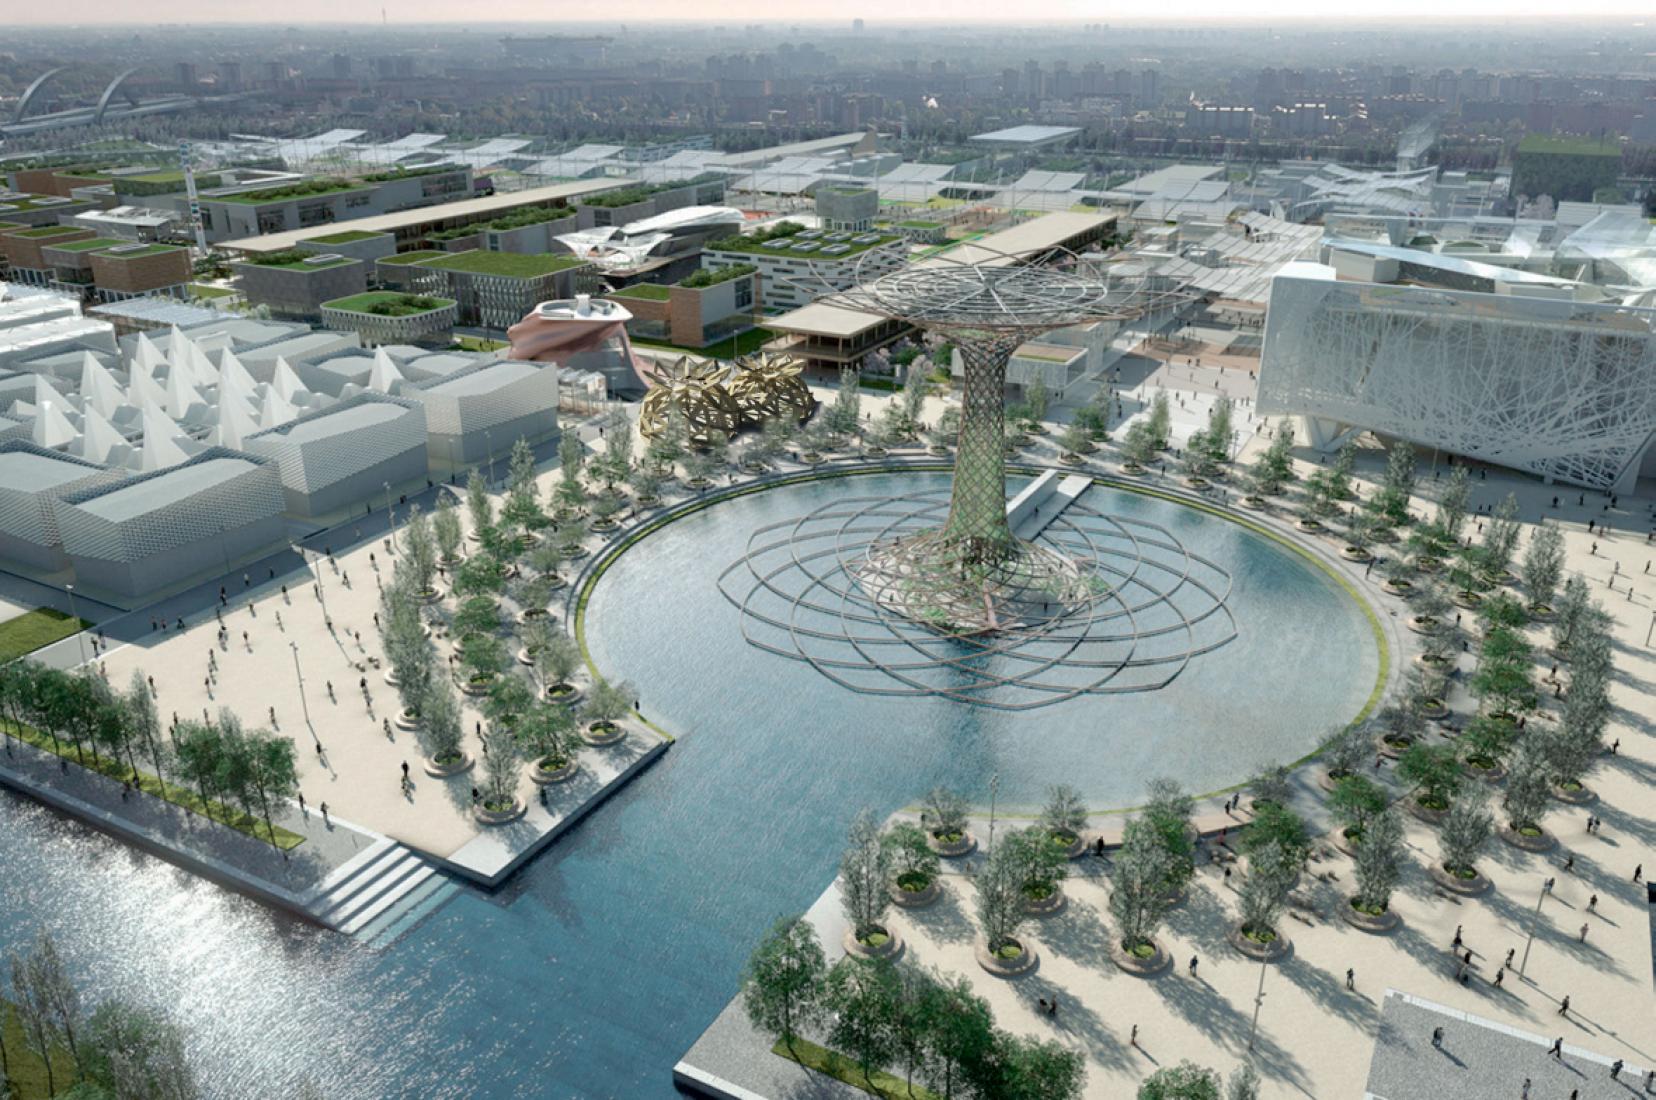 Vista general. Diseño de una cúpula por EMBT para COPAGRI en la Expo Milano 2015. Imagen por EMBT.